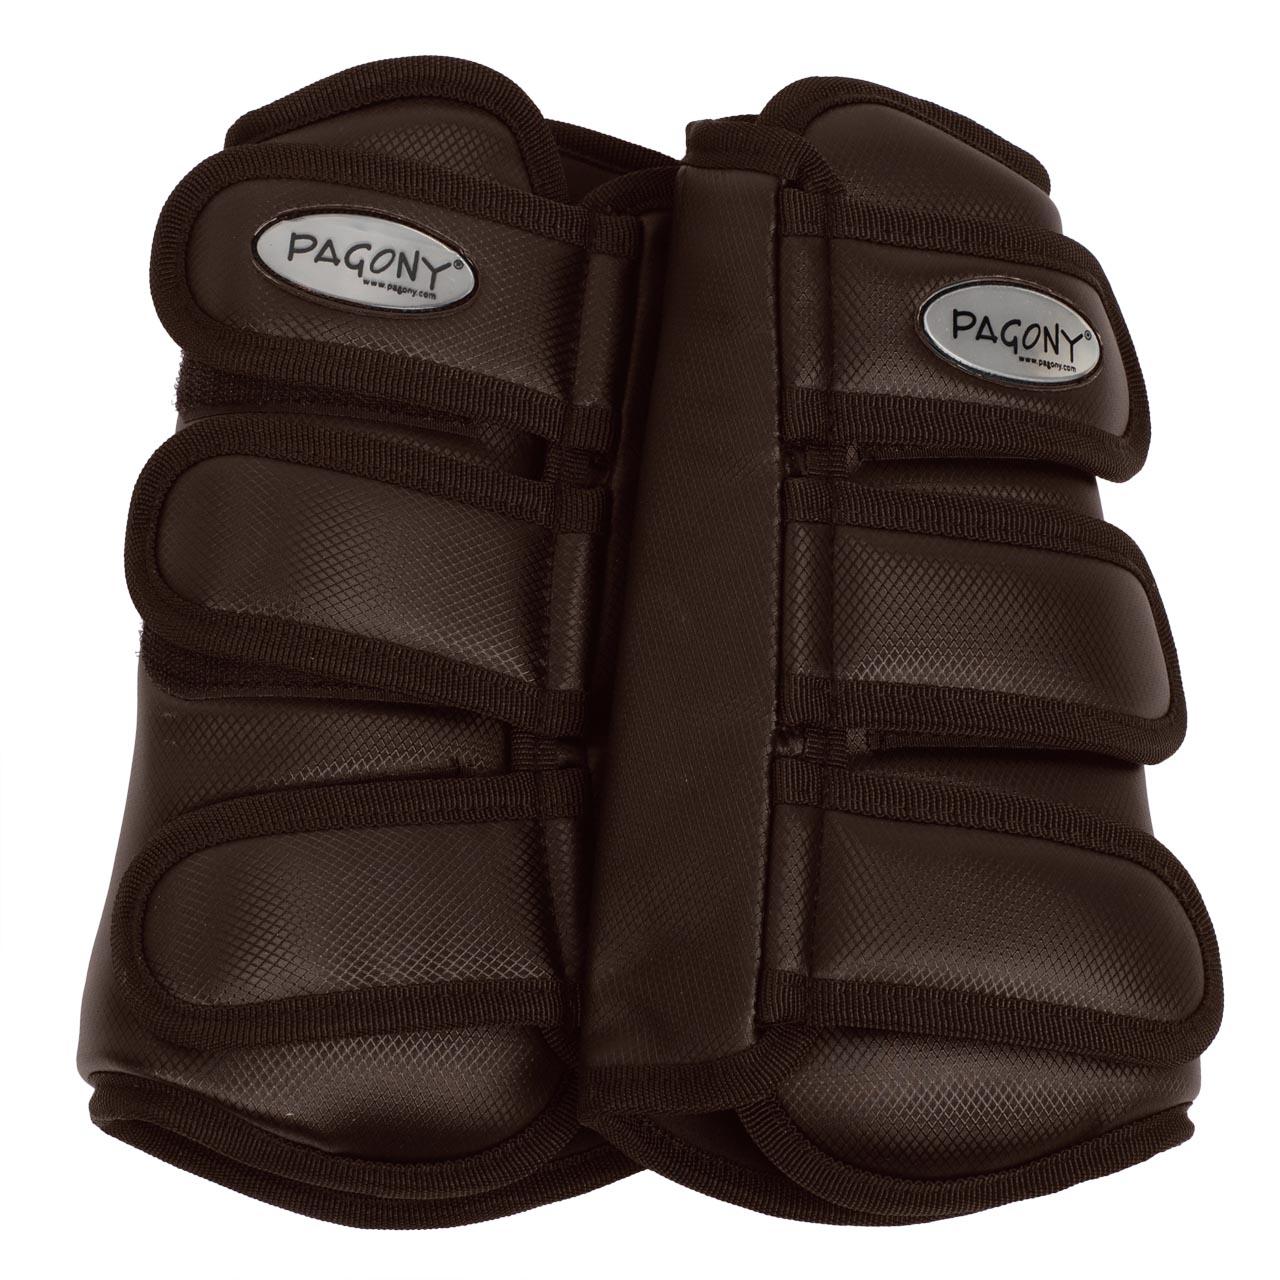 Pagony Dressage Boots voor donkerbruin maat:cob